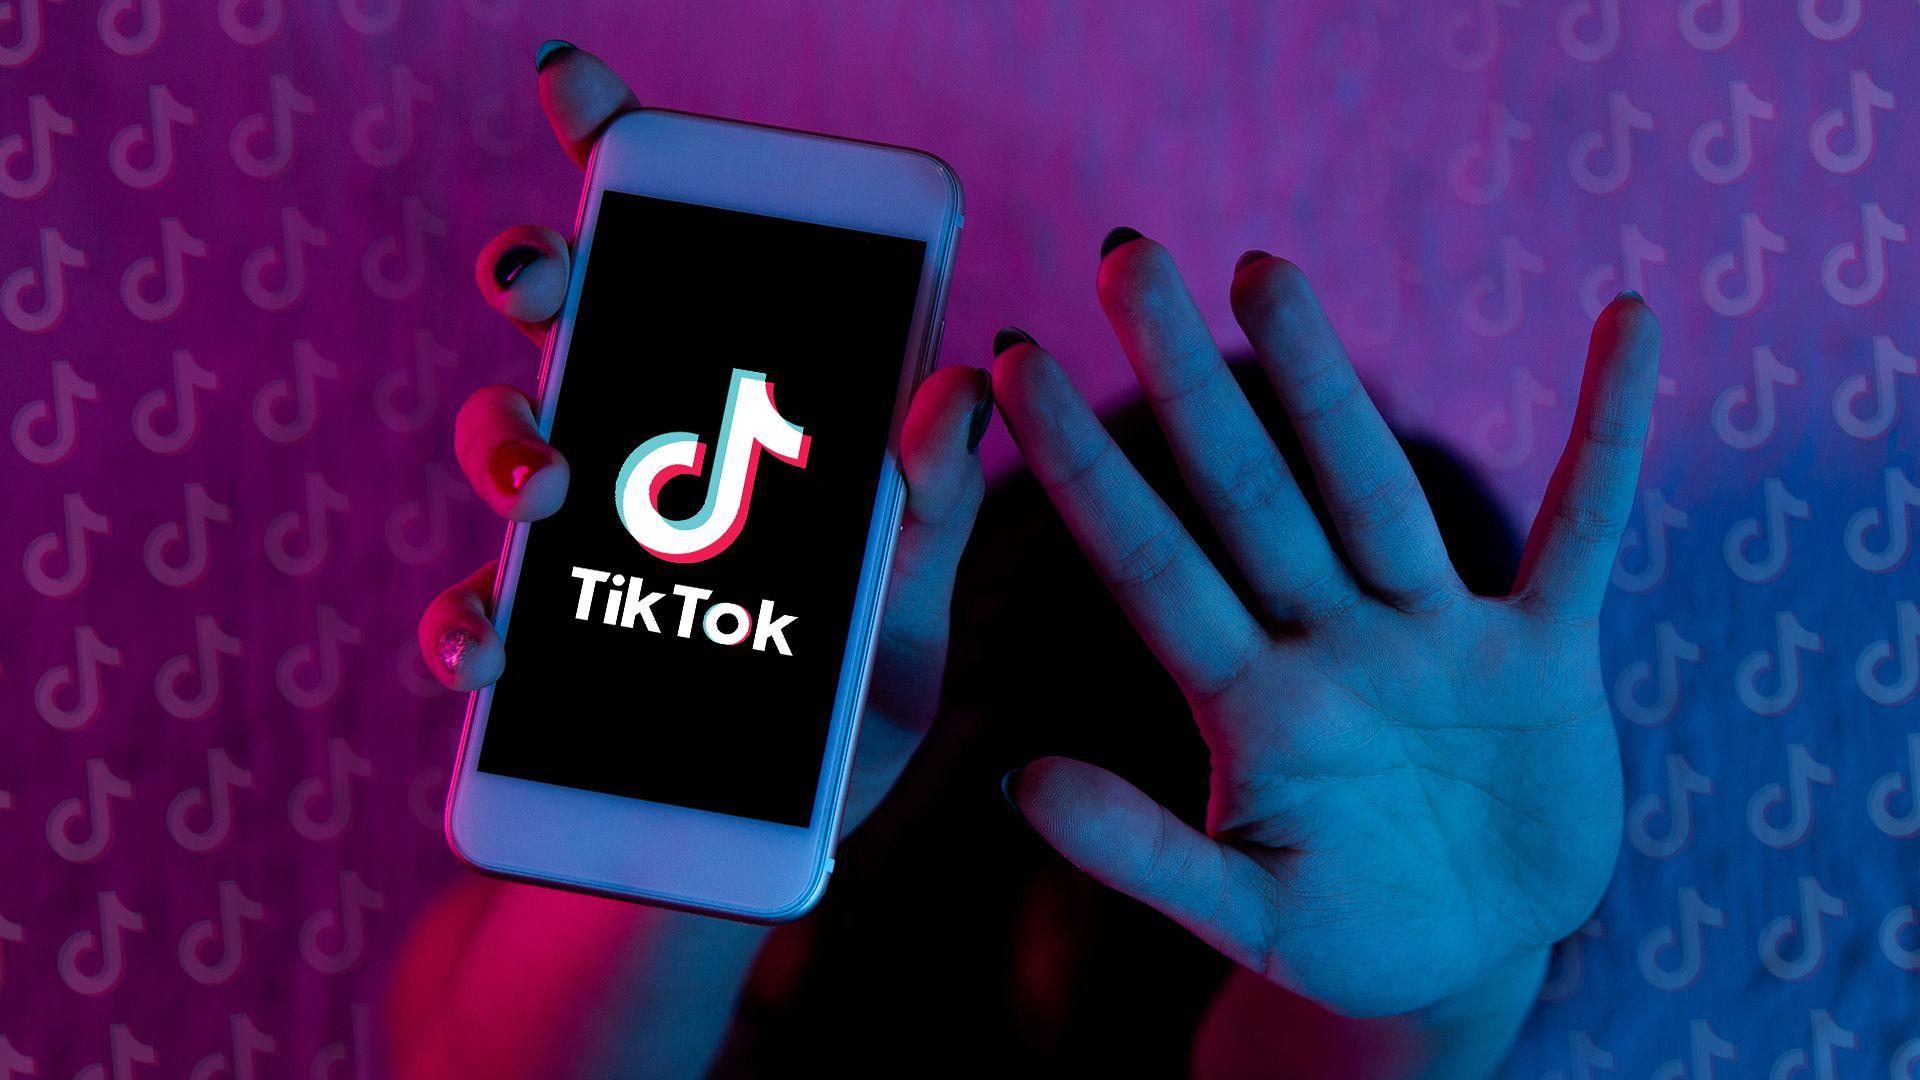 Free Tiktok Followers No Survey Or Human Verification Free Followers 500 Followers App